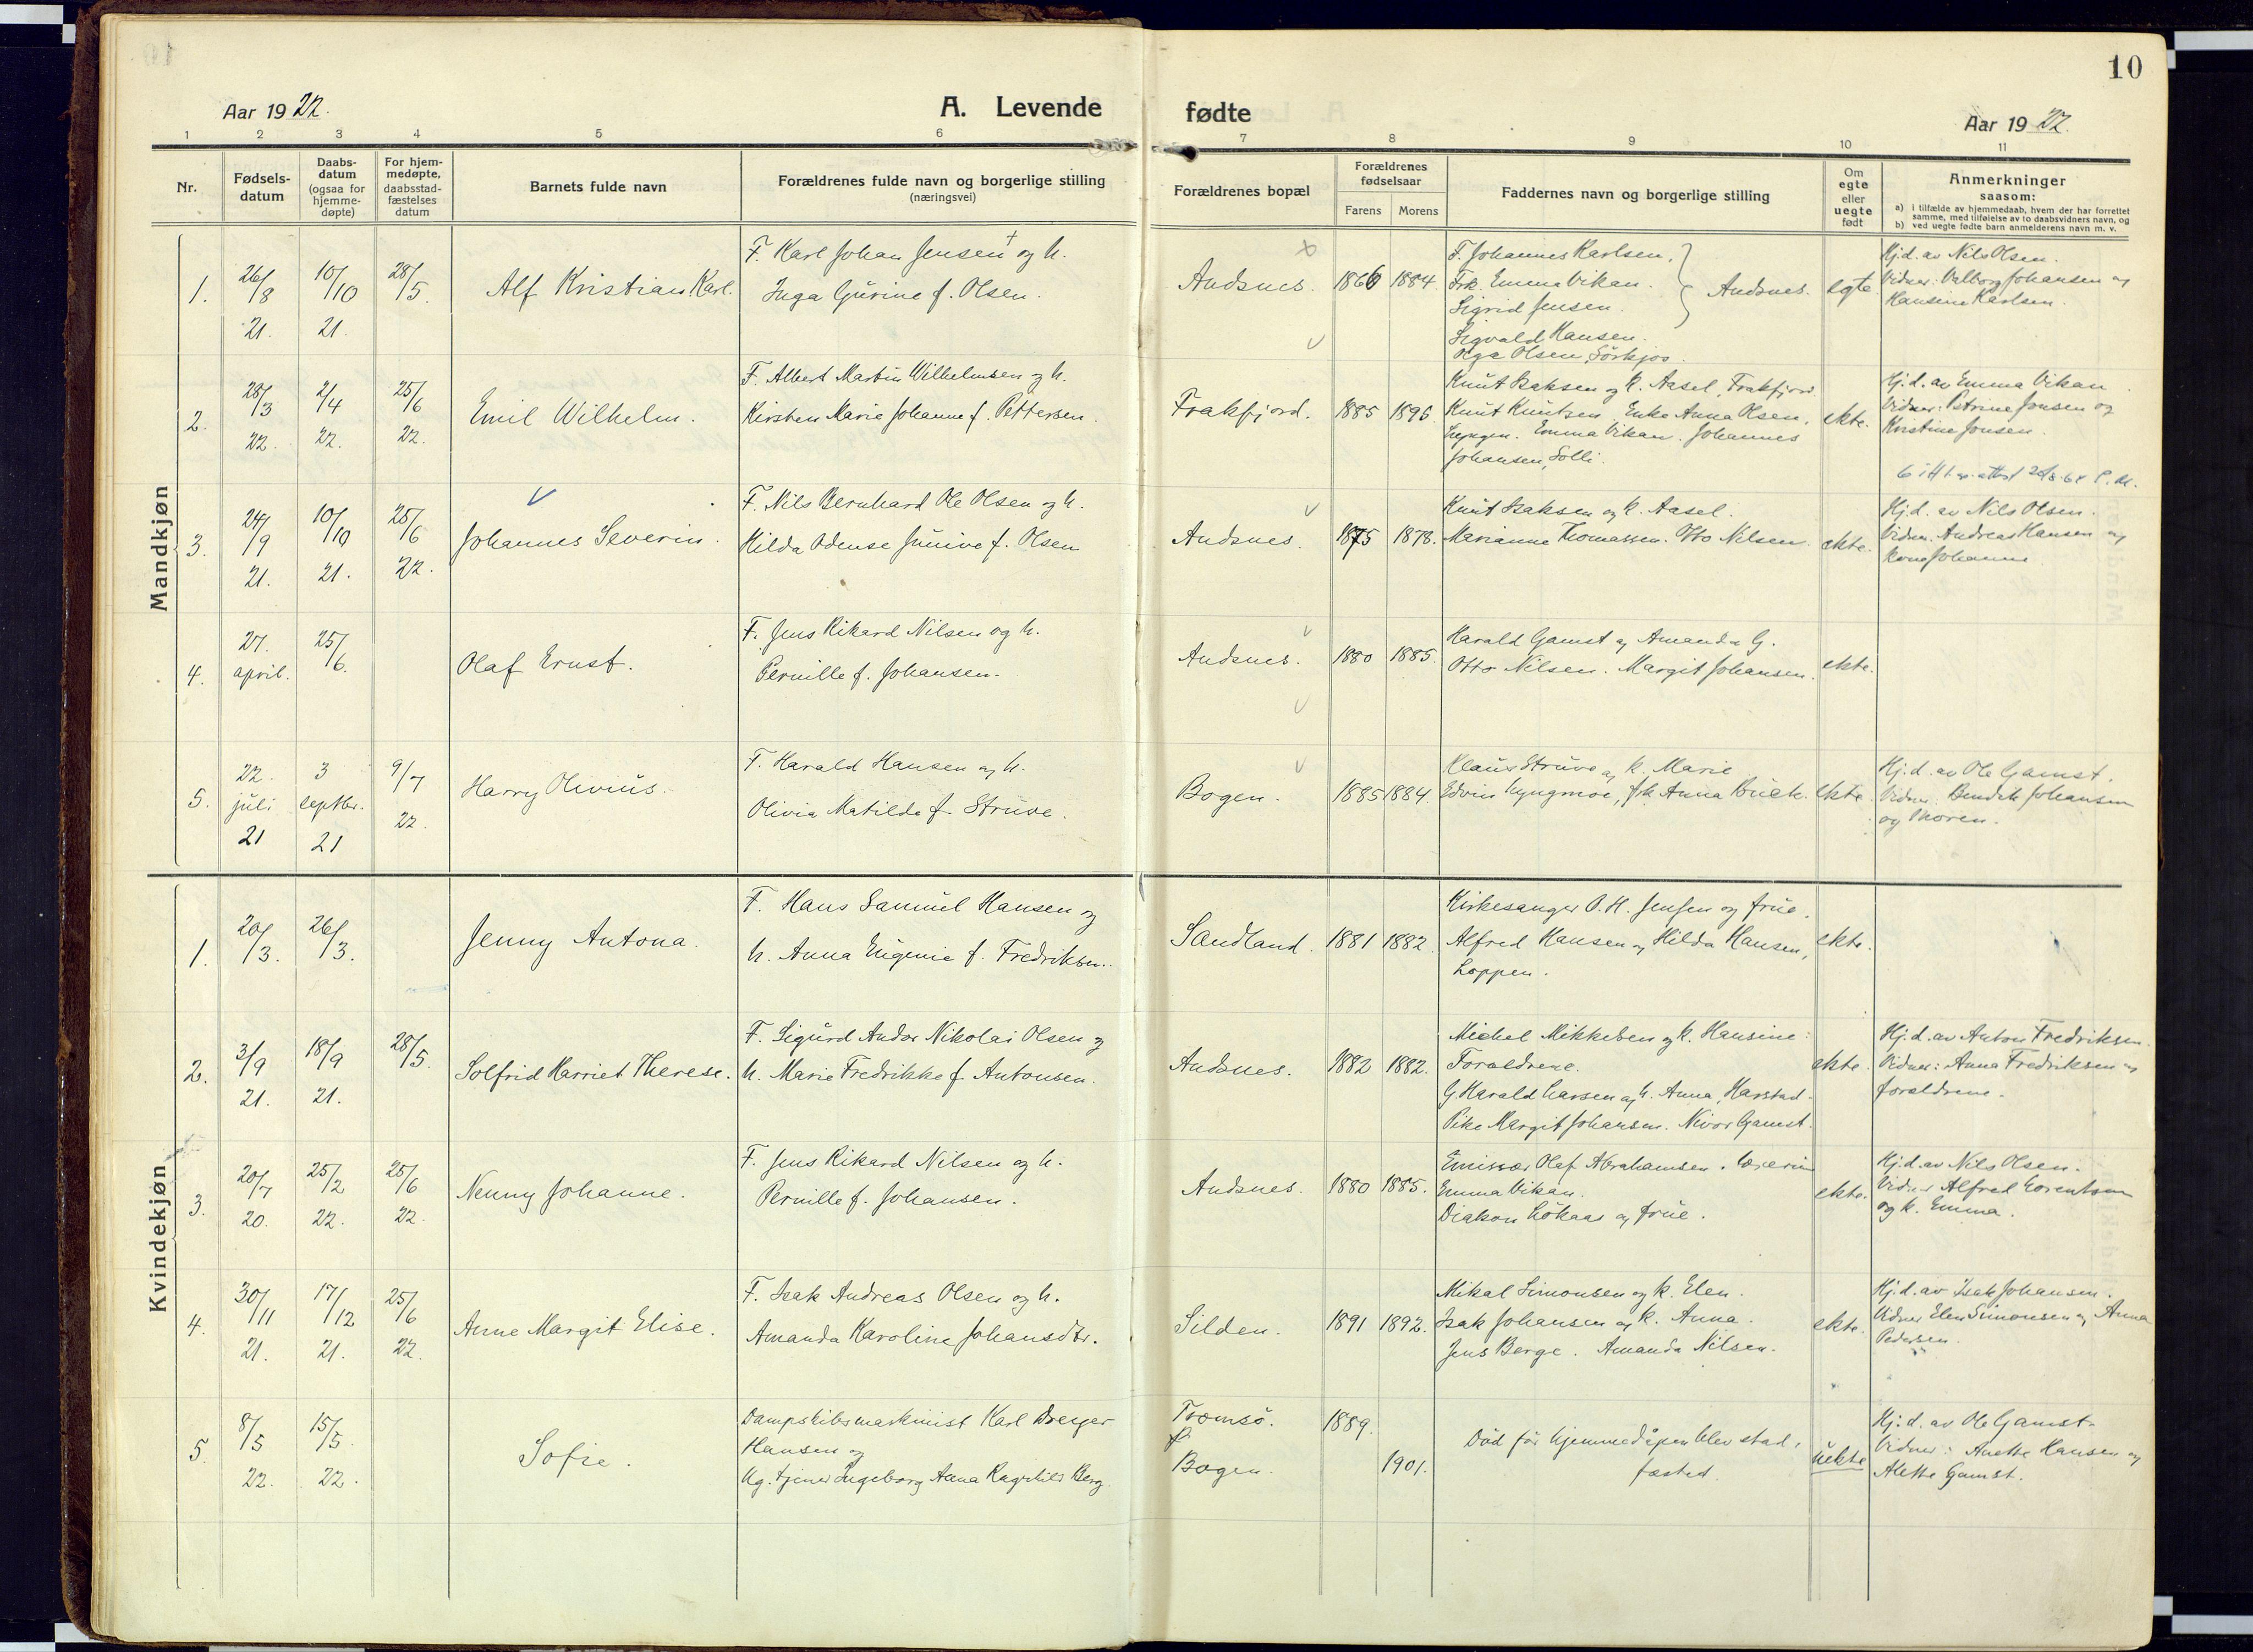 SATØ, Loppa sokneprestkontor, H/Ha/L0013kirke: Ministerialbok nr. 13, 1920-1932, s. 10